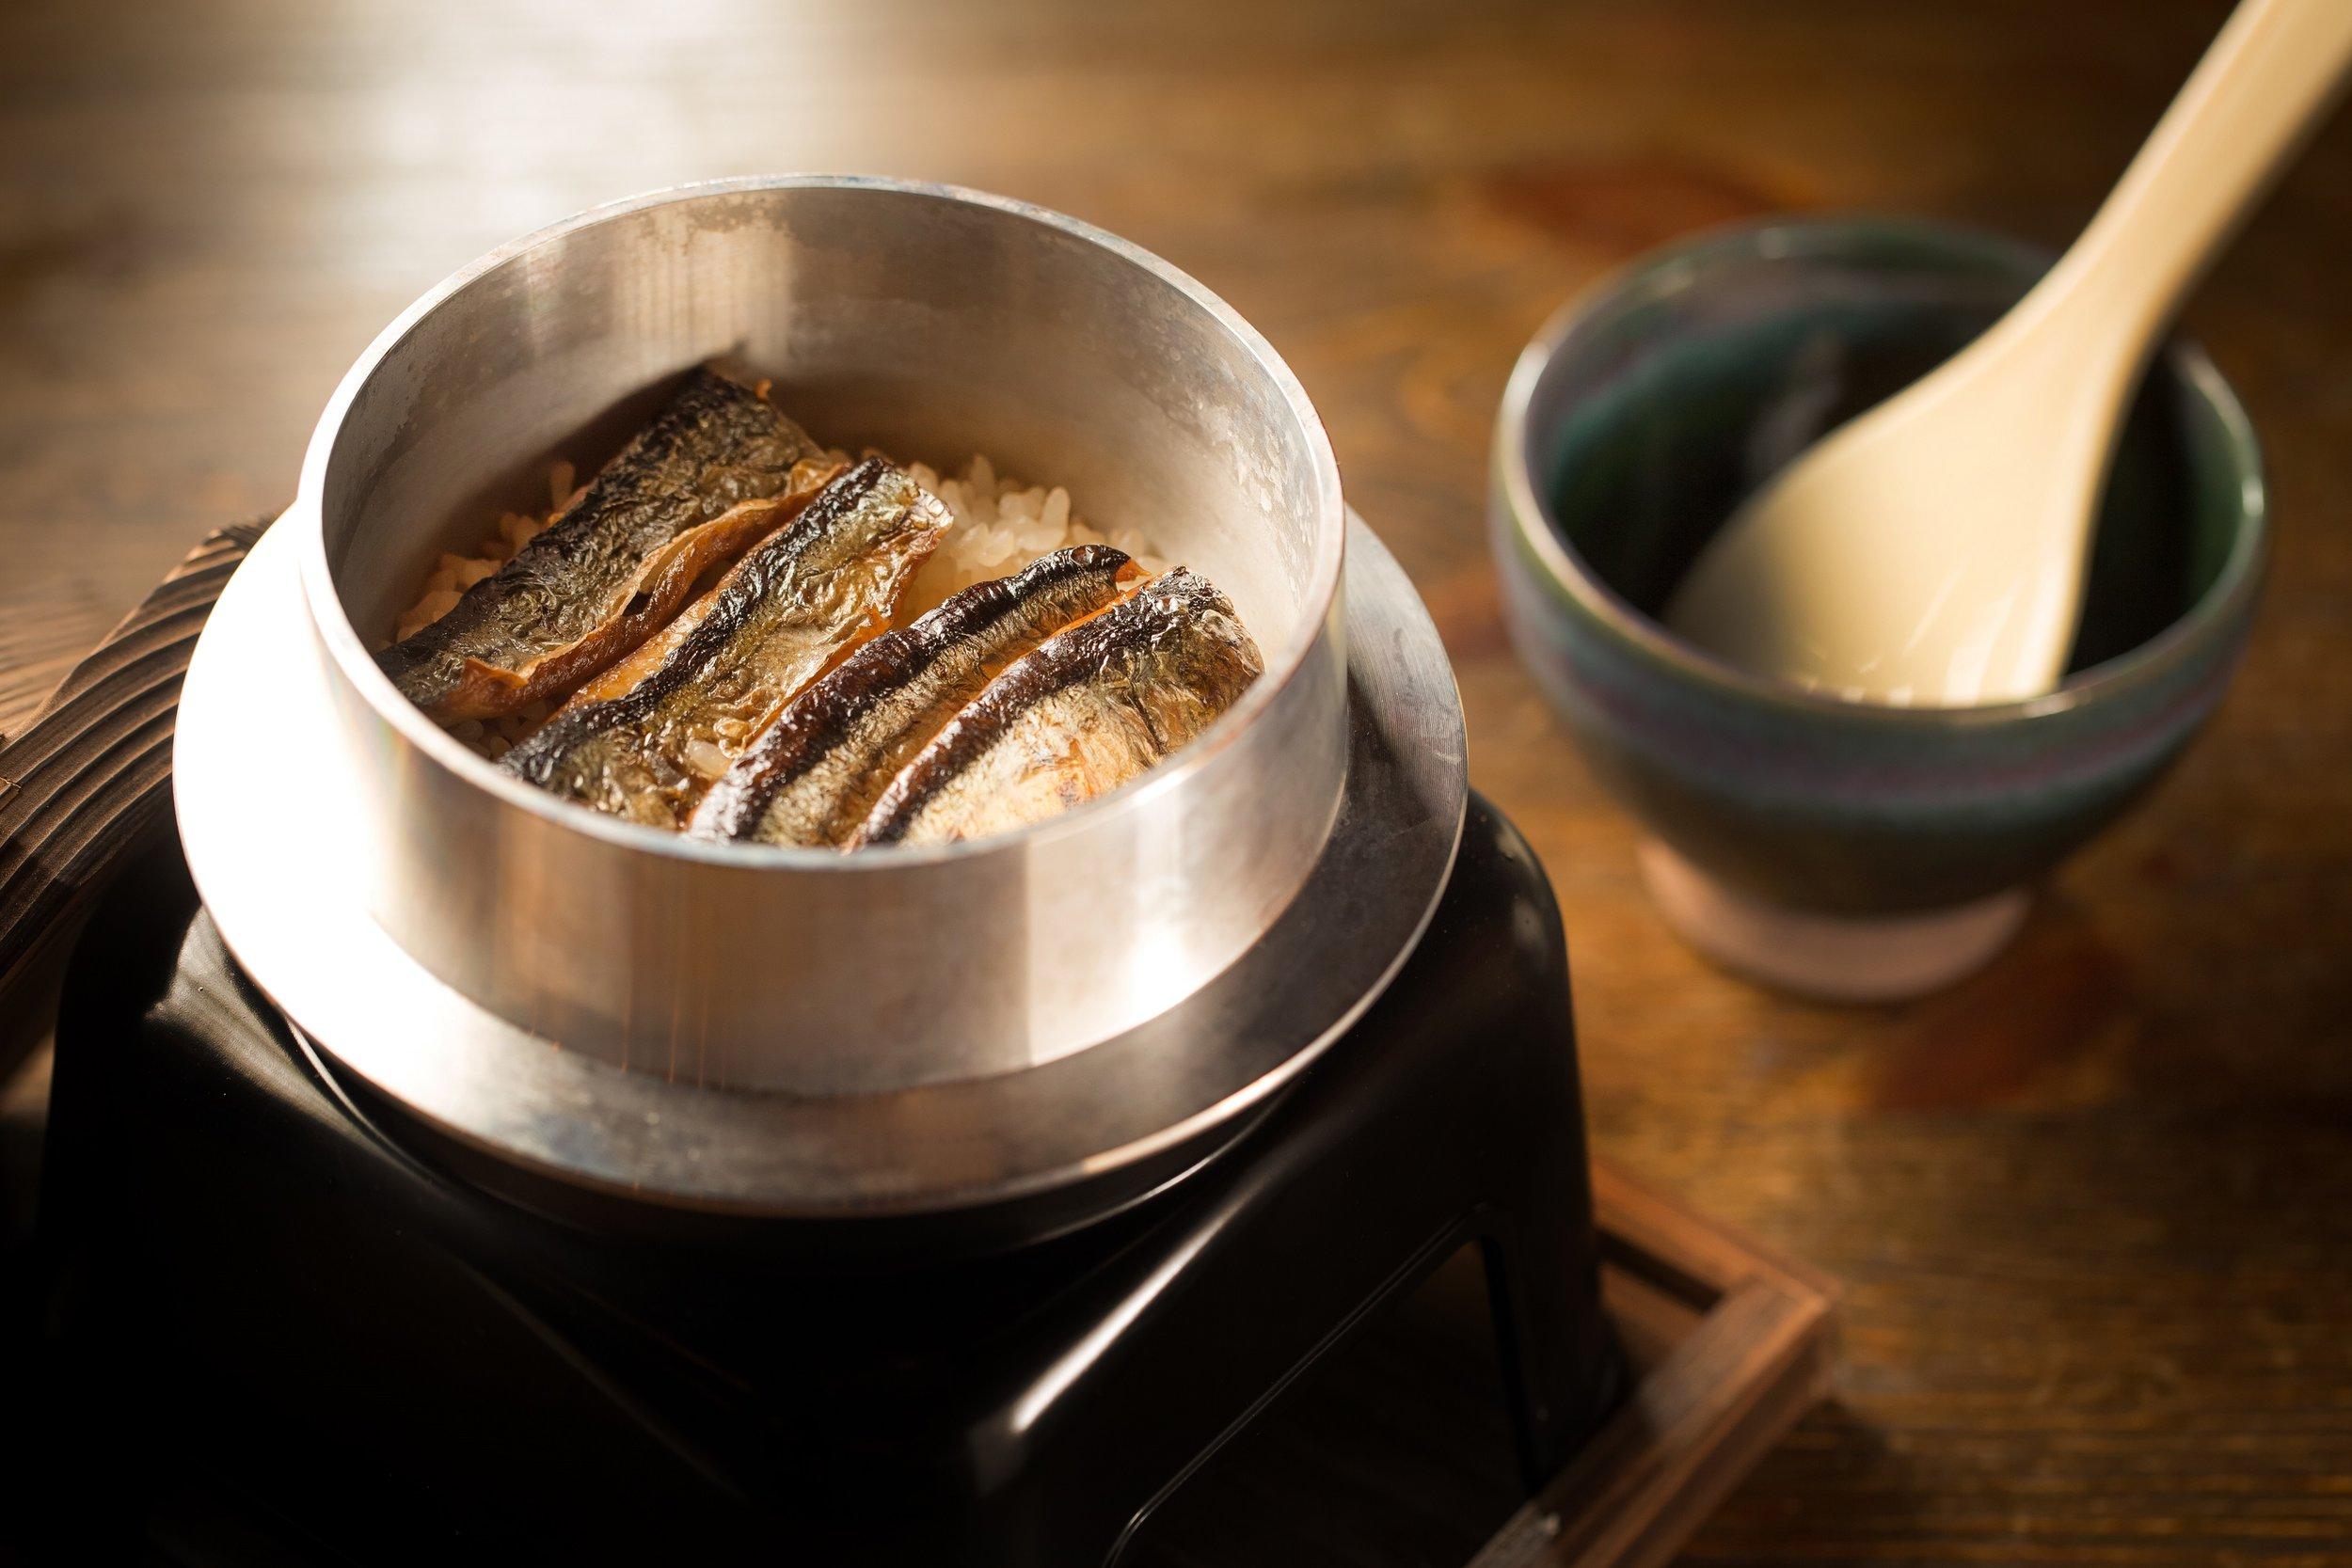 Umai_Sanma burnt rice_1_m.jpg